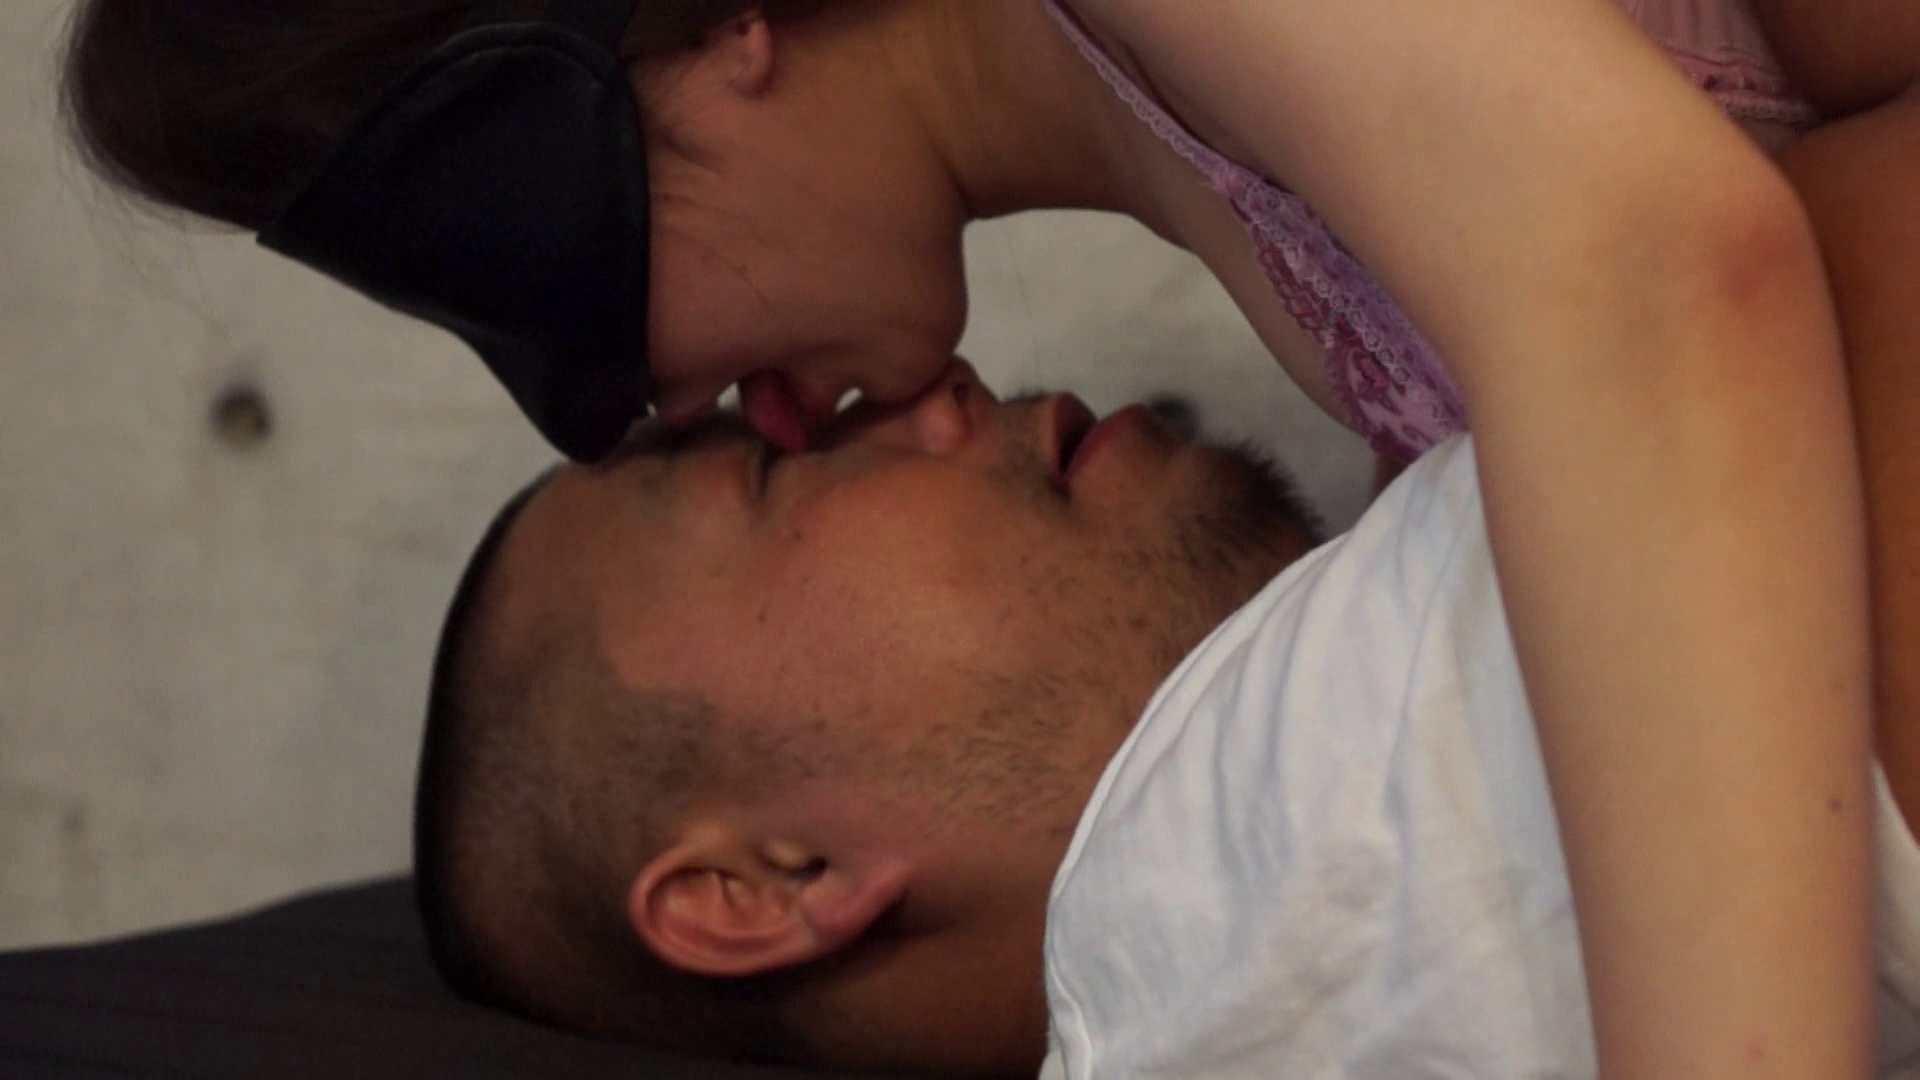 vol.8 TKSさんの顔を舐めまわす夏実ちゃん、最後のキスは・・・ 隠撮  113pic 58